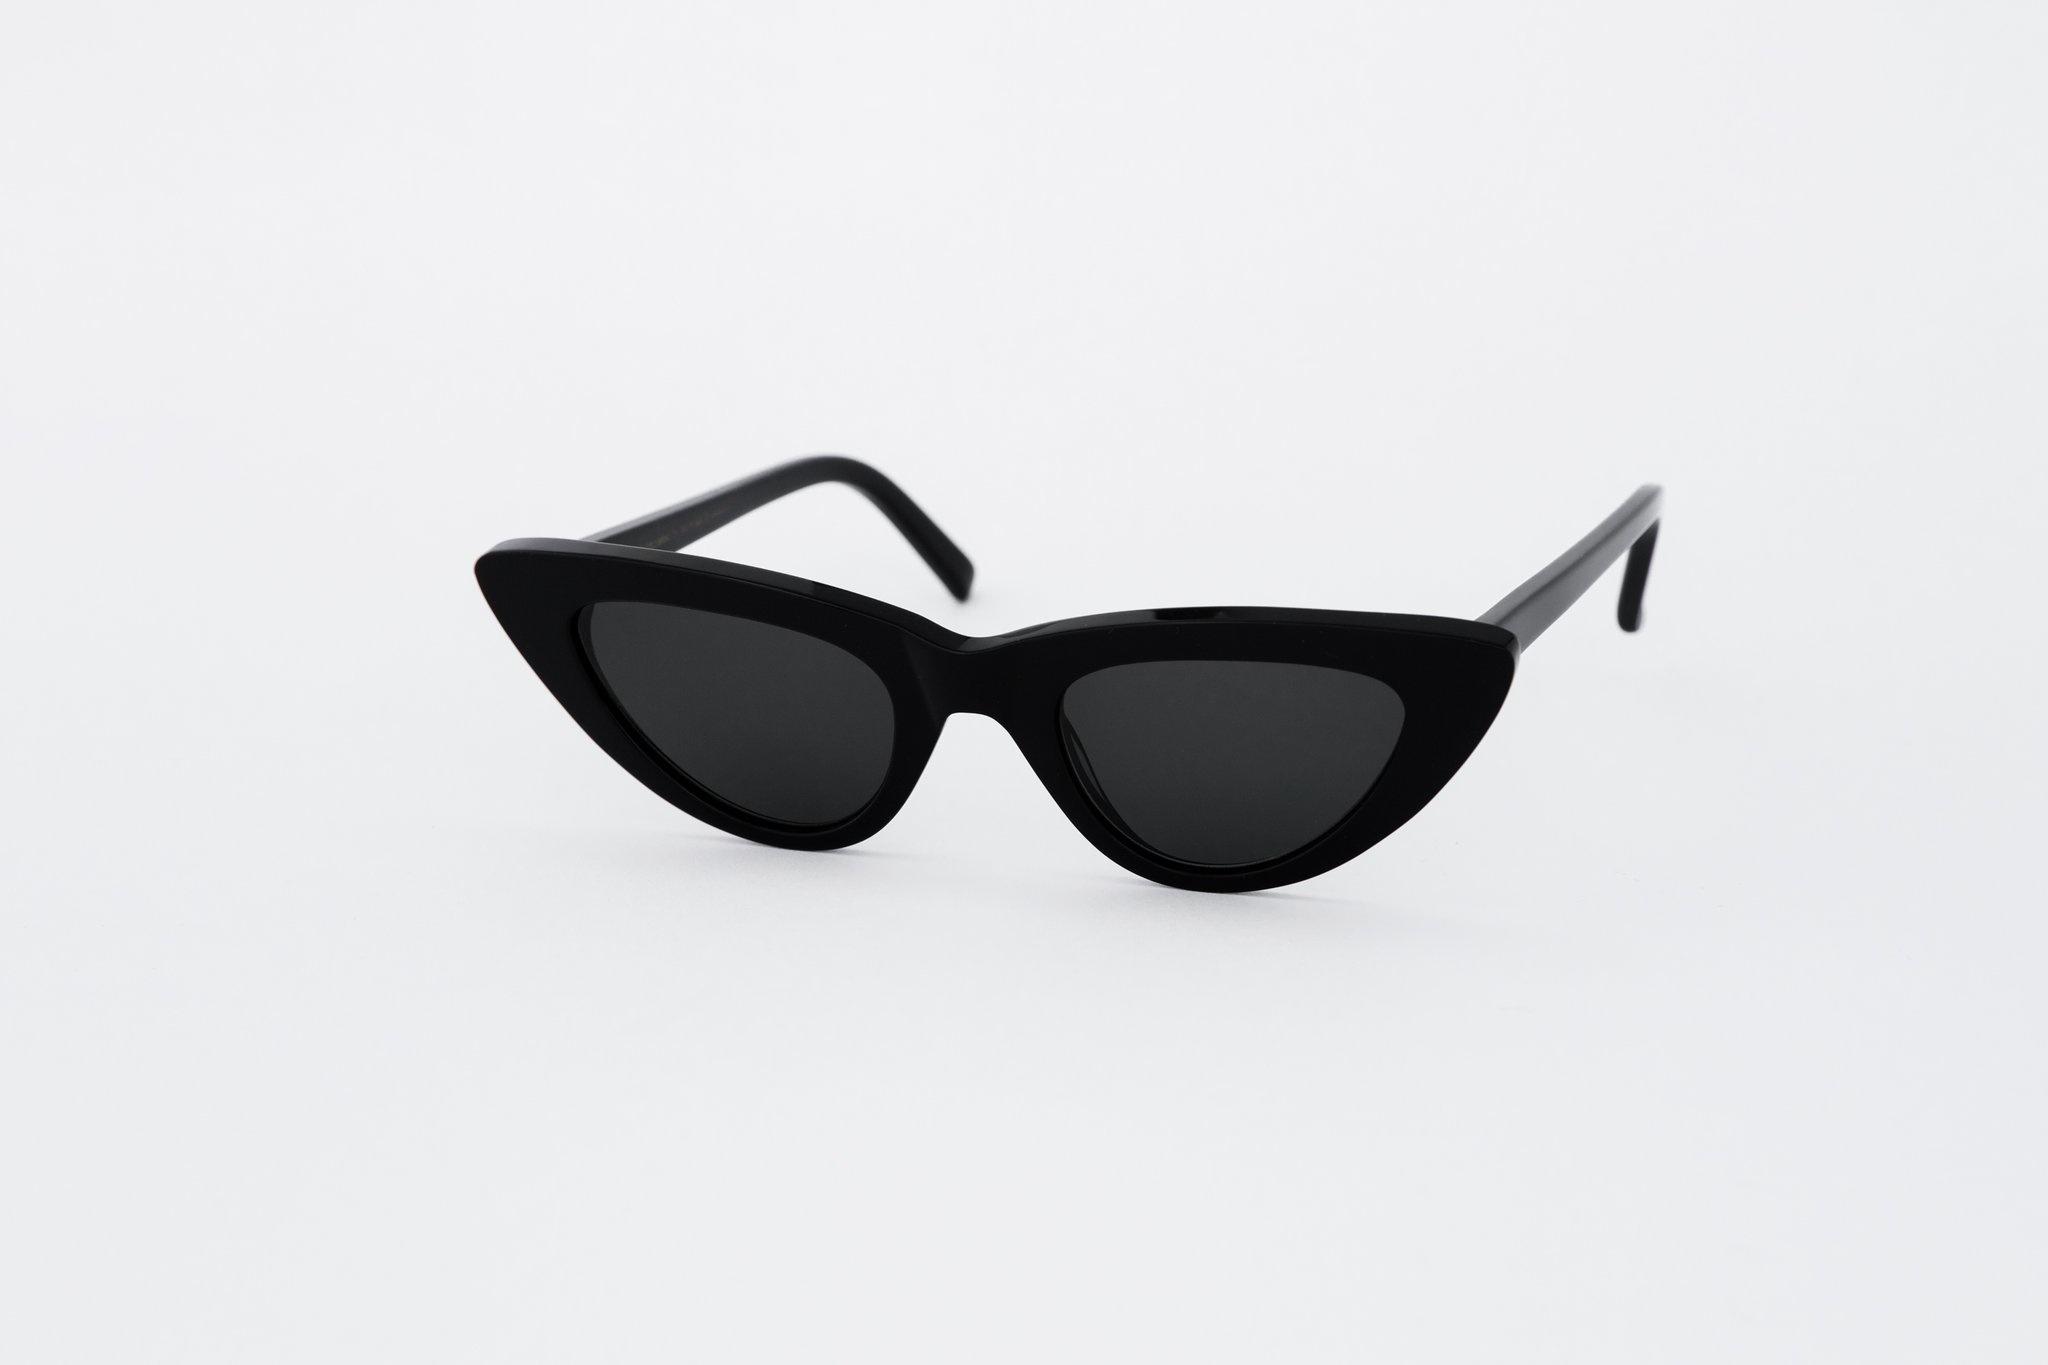 Moon Black Sunglasses-2